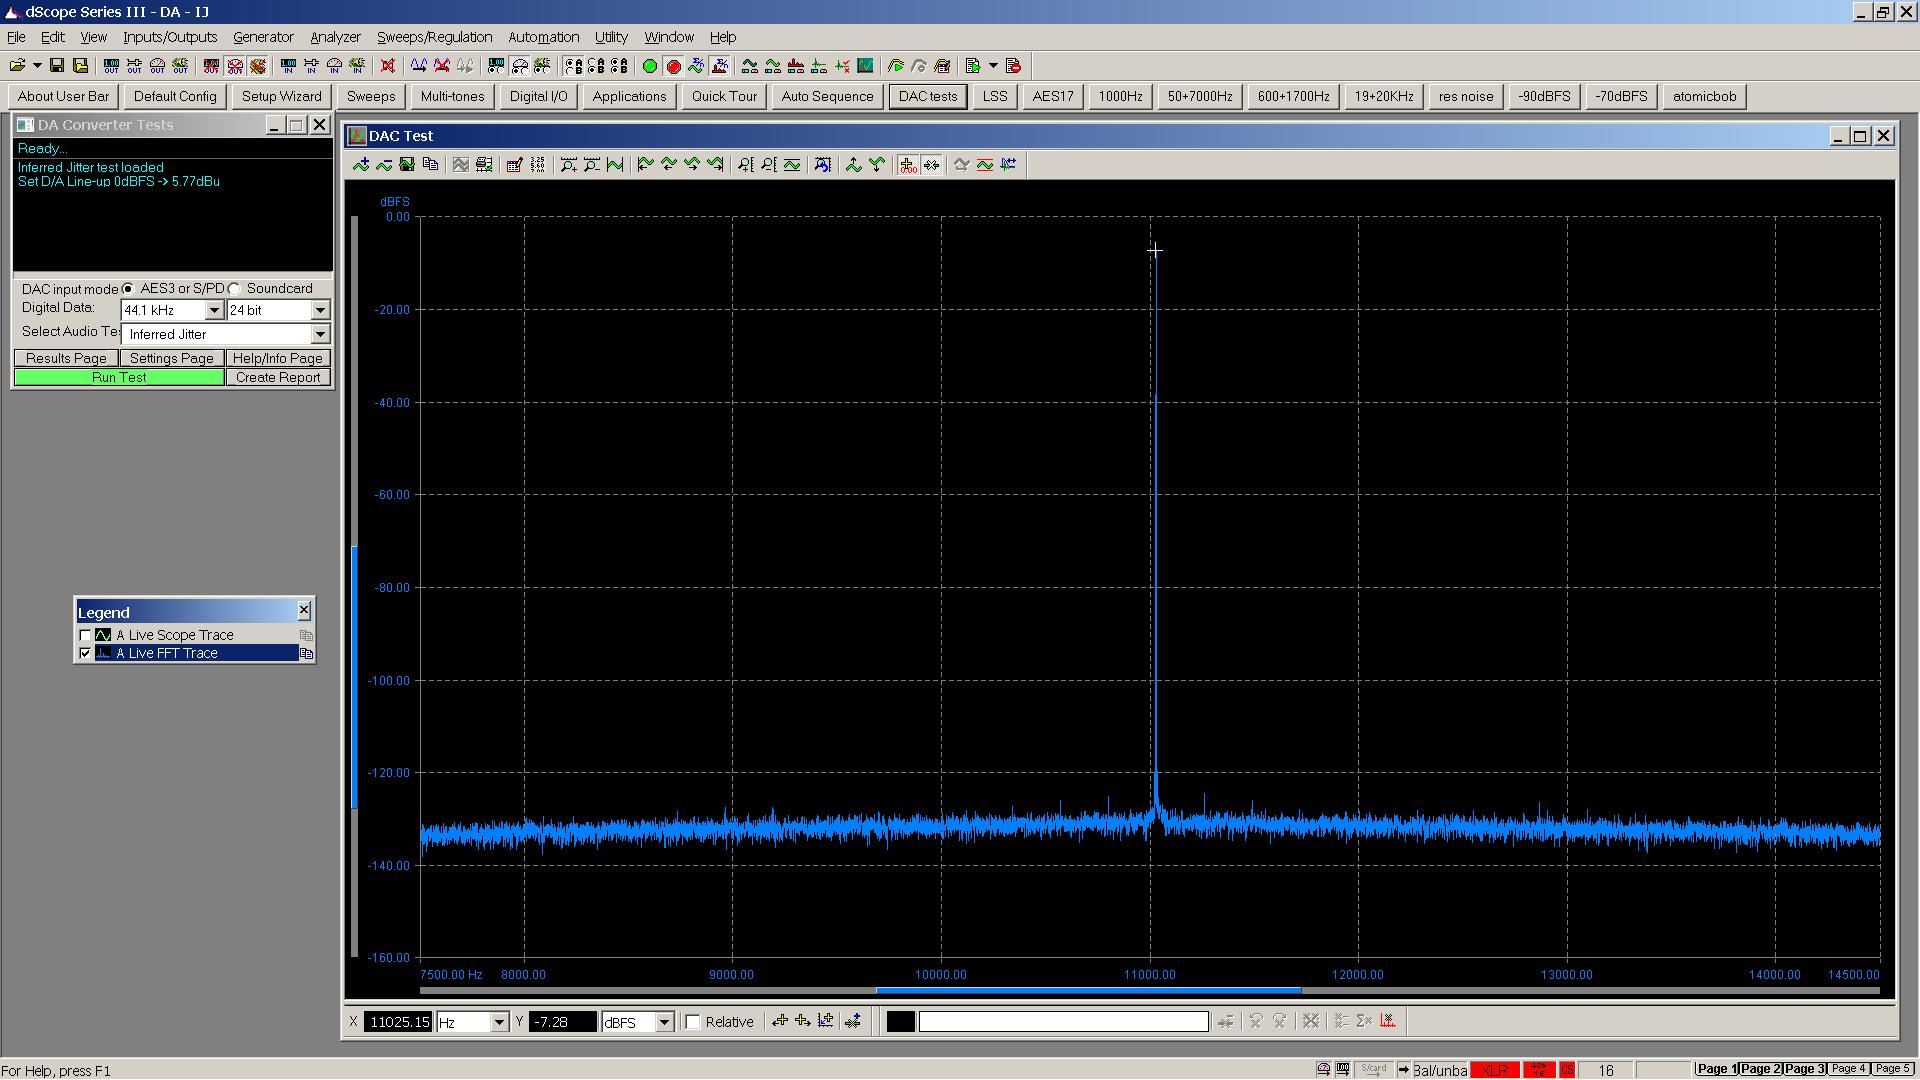 20190429-09 MOS24 SE inferred jitter - 7 KHz BW - Opt 44K.PNG